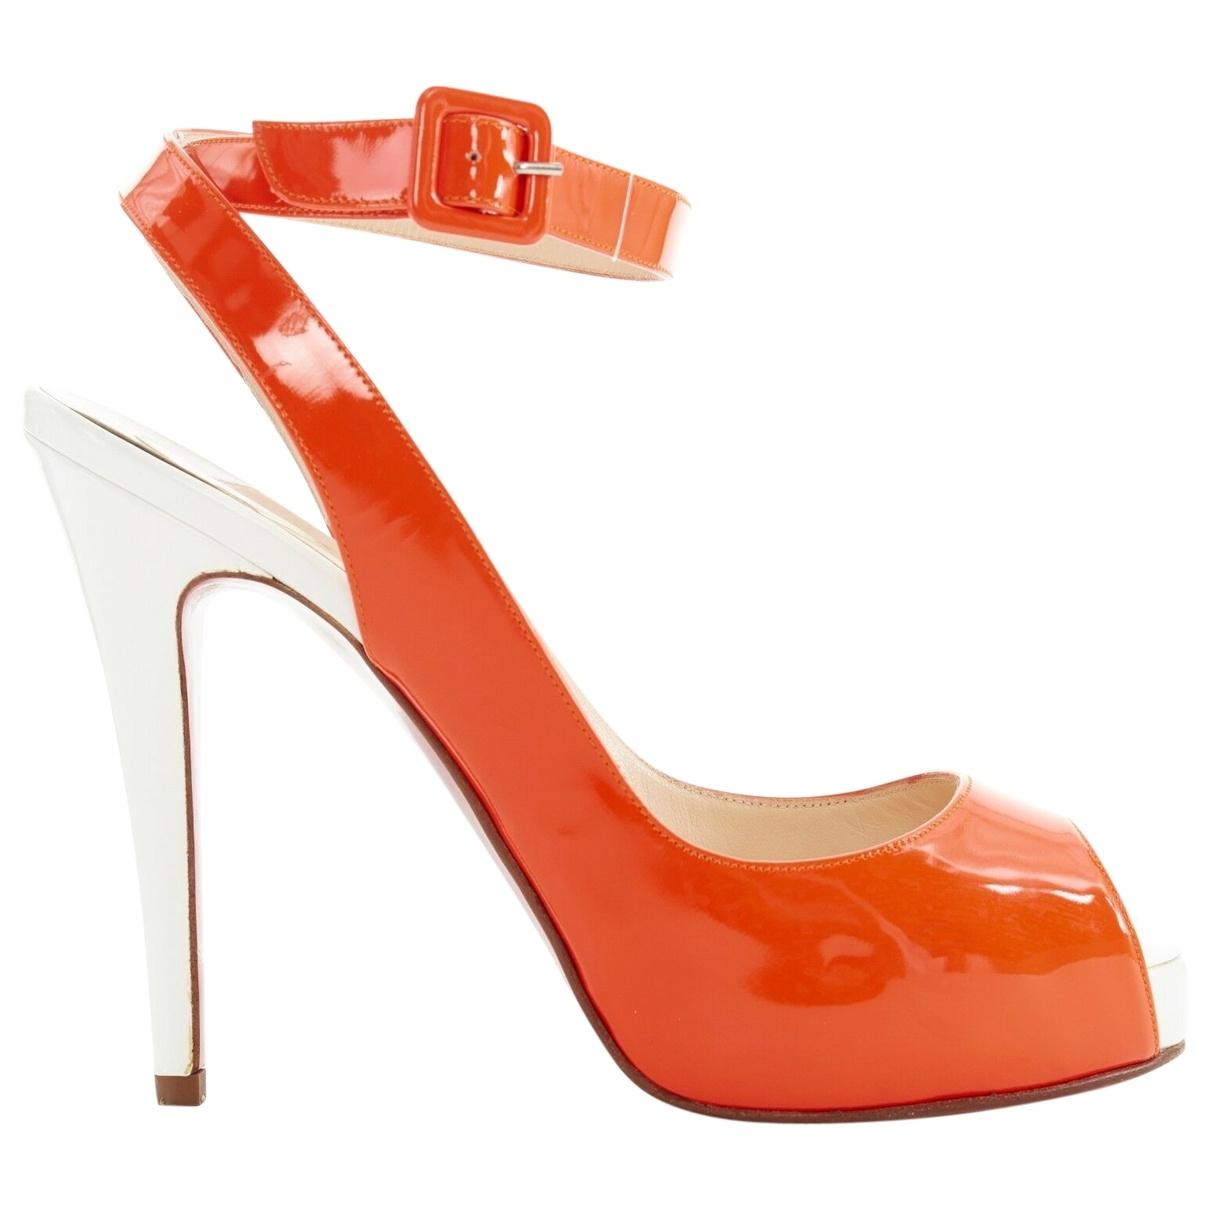 Christian Louboutin - Escarpins   pour femme en cuir verni - orange